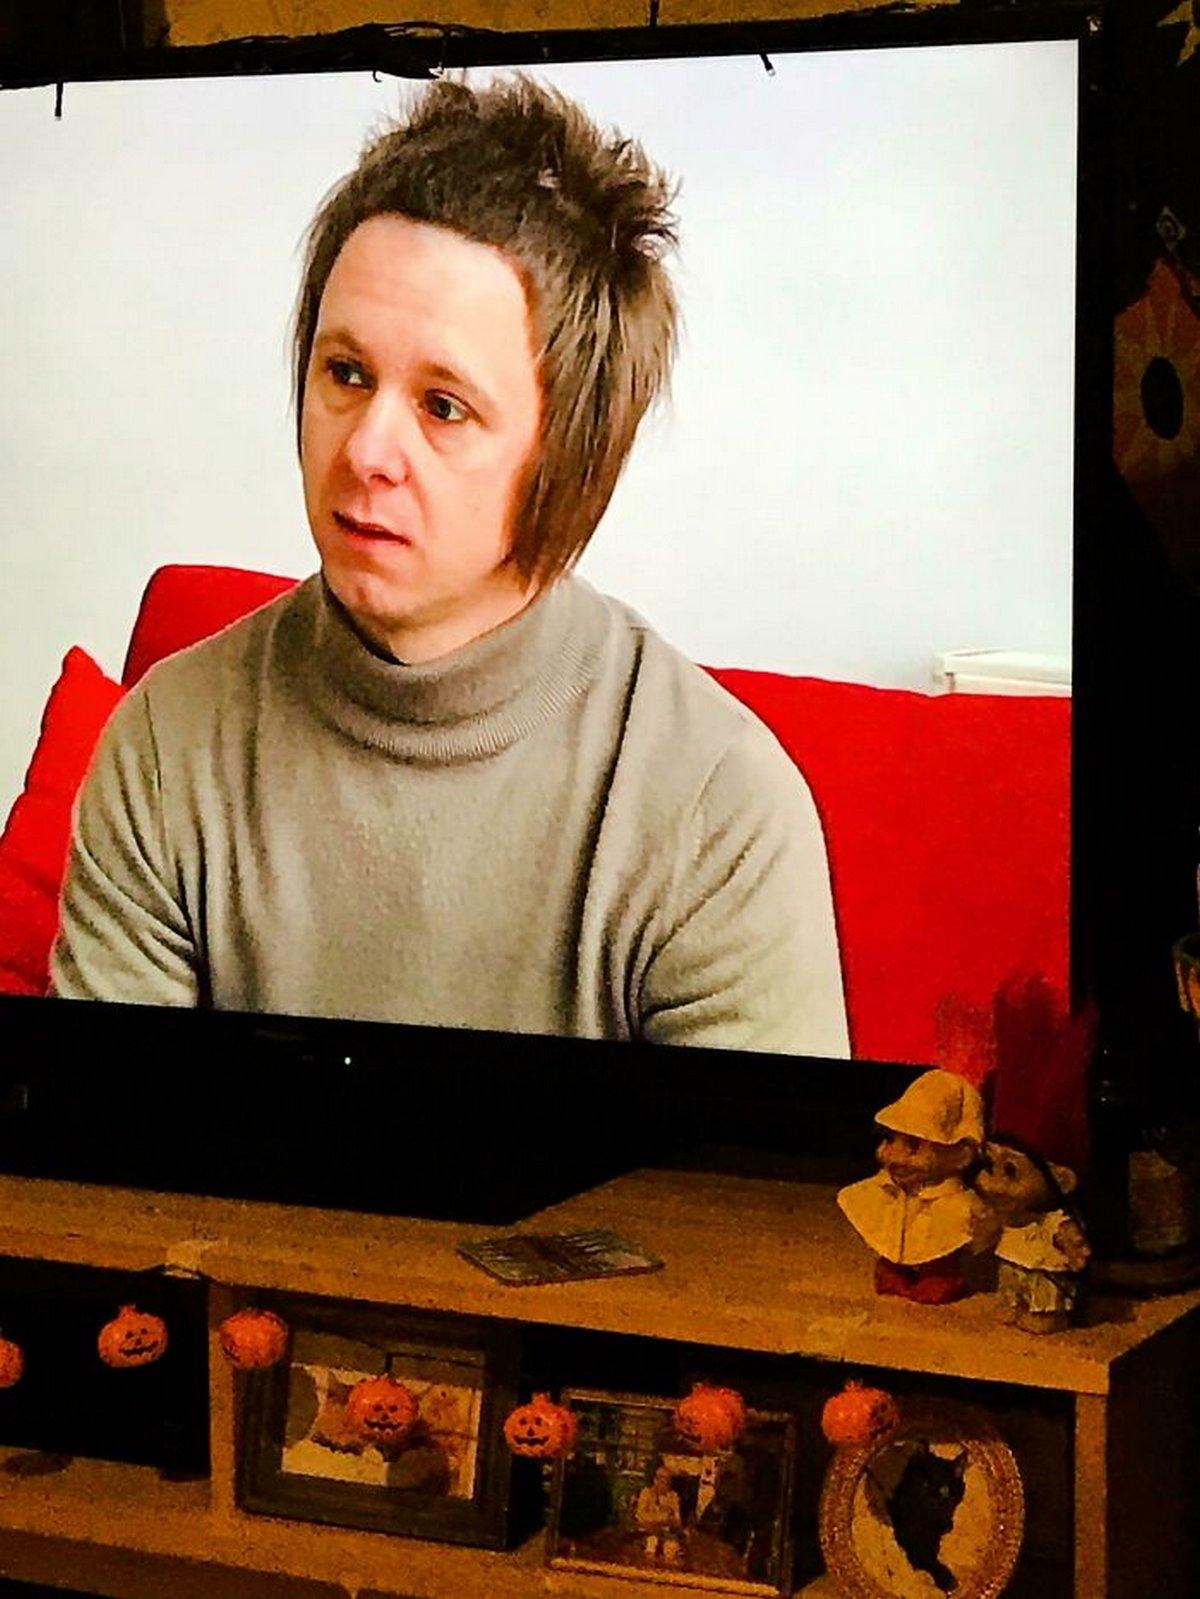 Ces coiffures horribles ont été partagées dans cette communauté en ligne